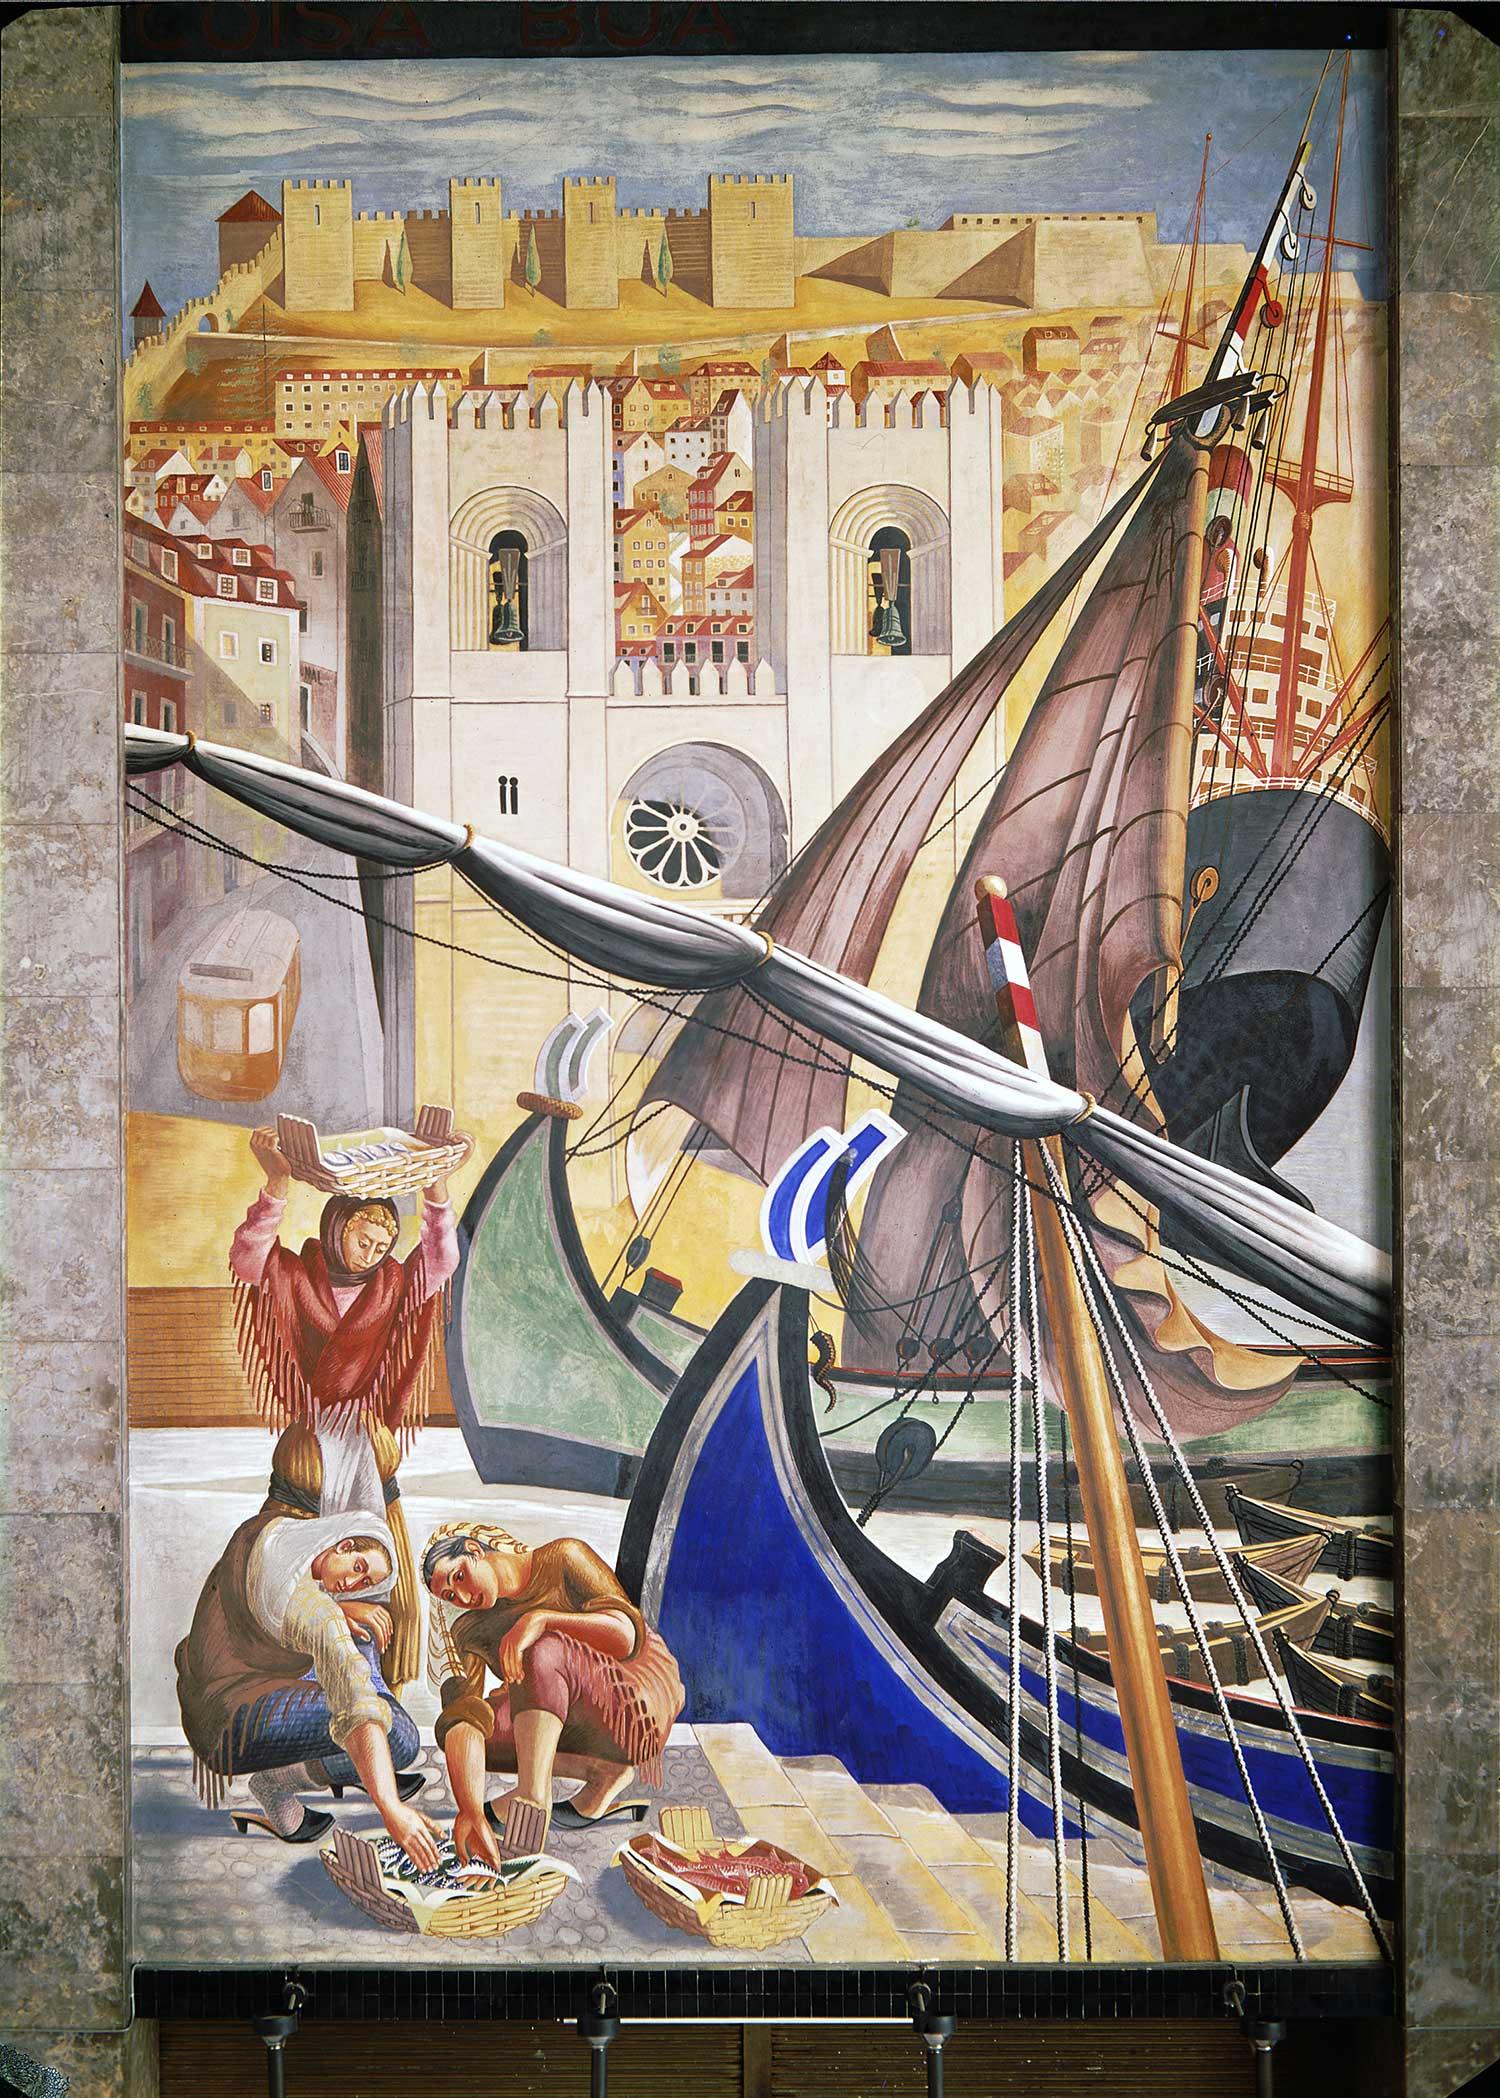 """""""Quem não viu Lisboa não viu coisa boa"""" (""""Who hasn't seen Lisbon has seen nothing good"""") Artist: José de Almada Negreiros  Photo: Mário Novais, ca. 1943-1945, Lisbon  [CFT003_082290]"""